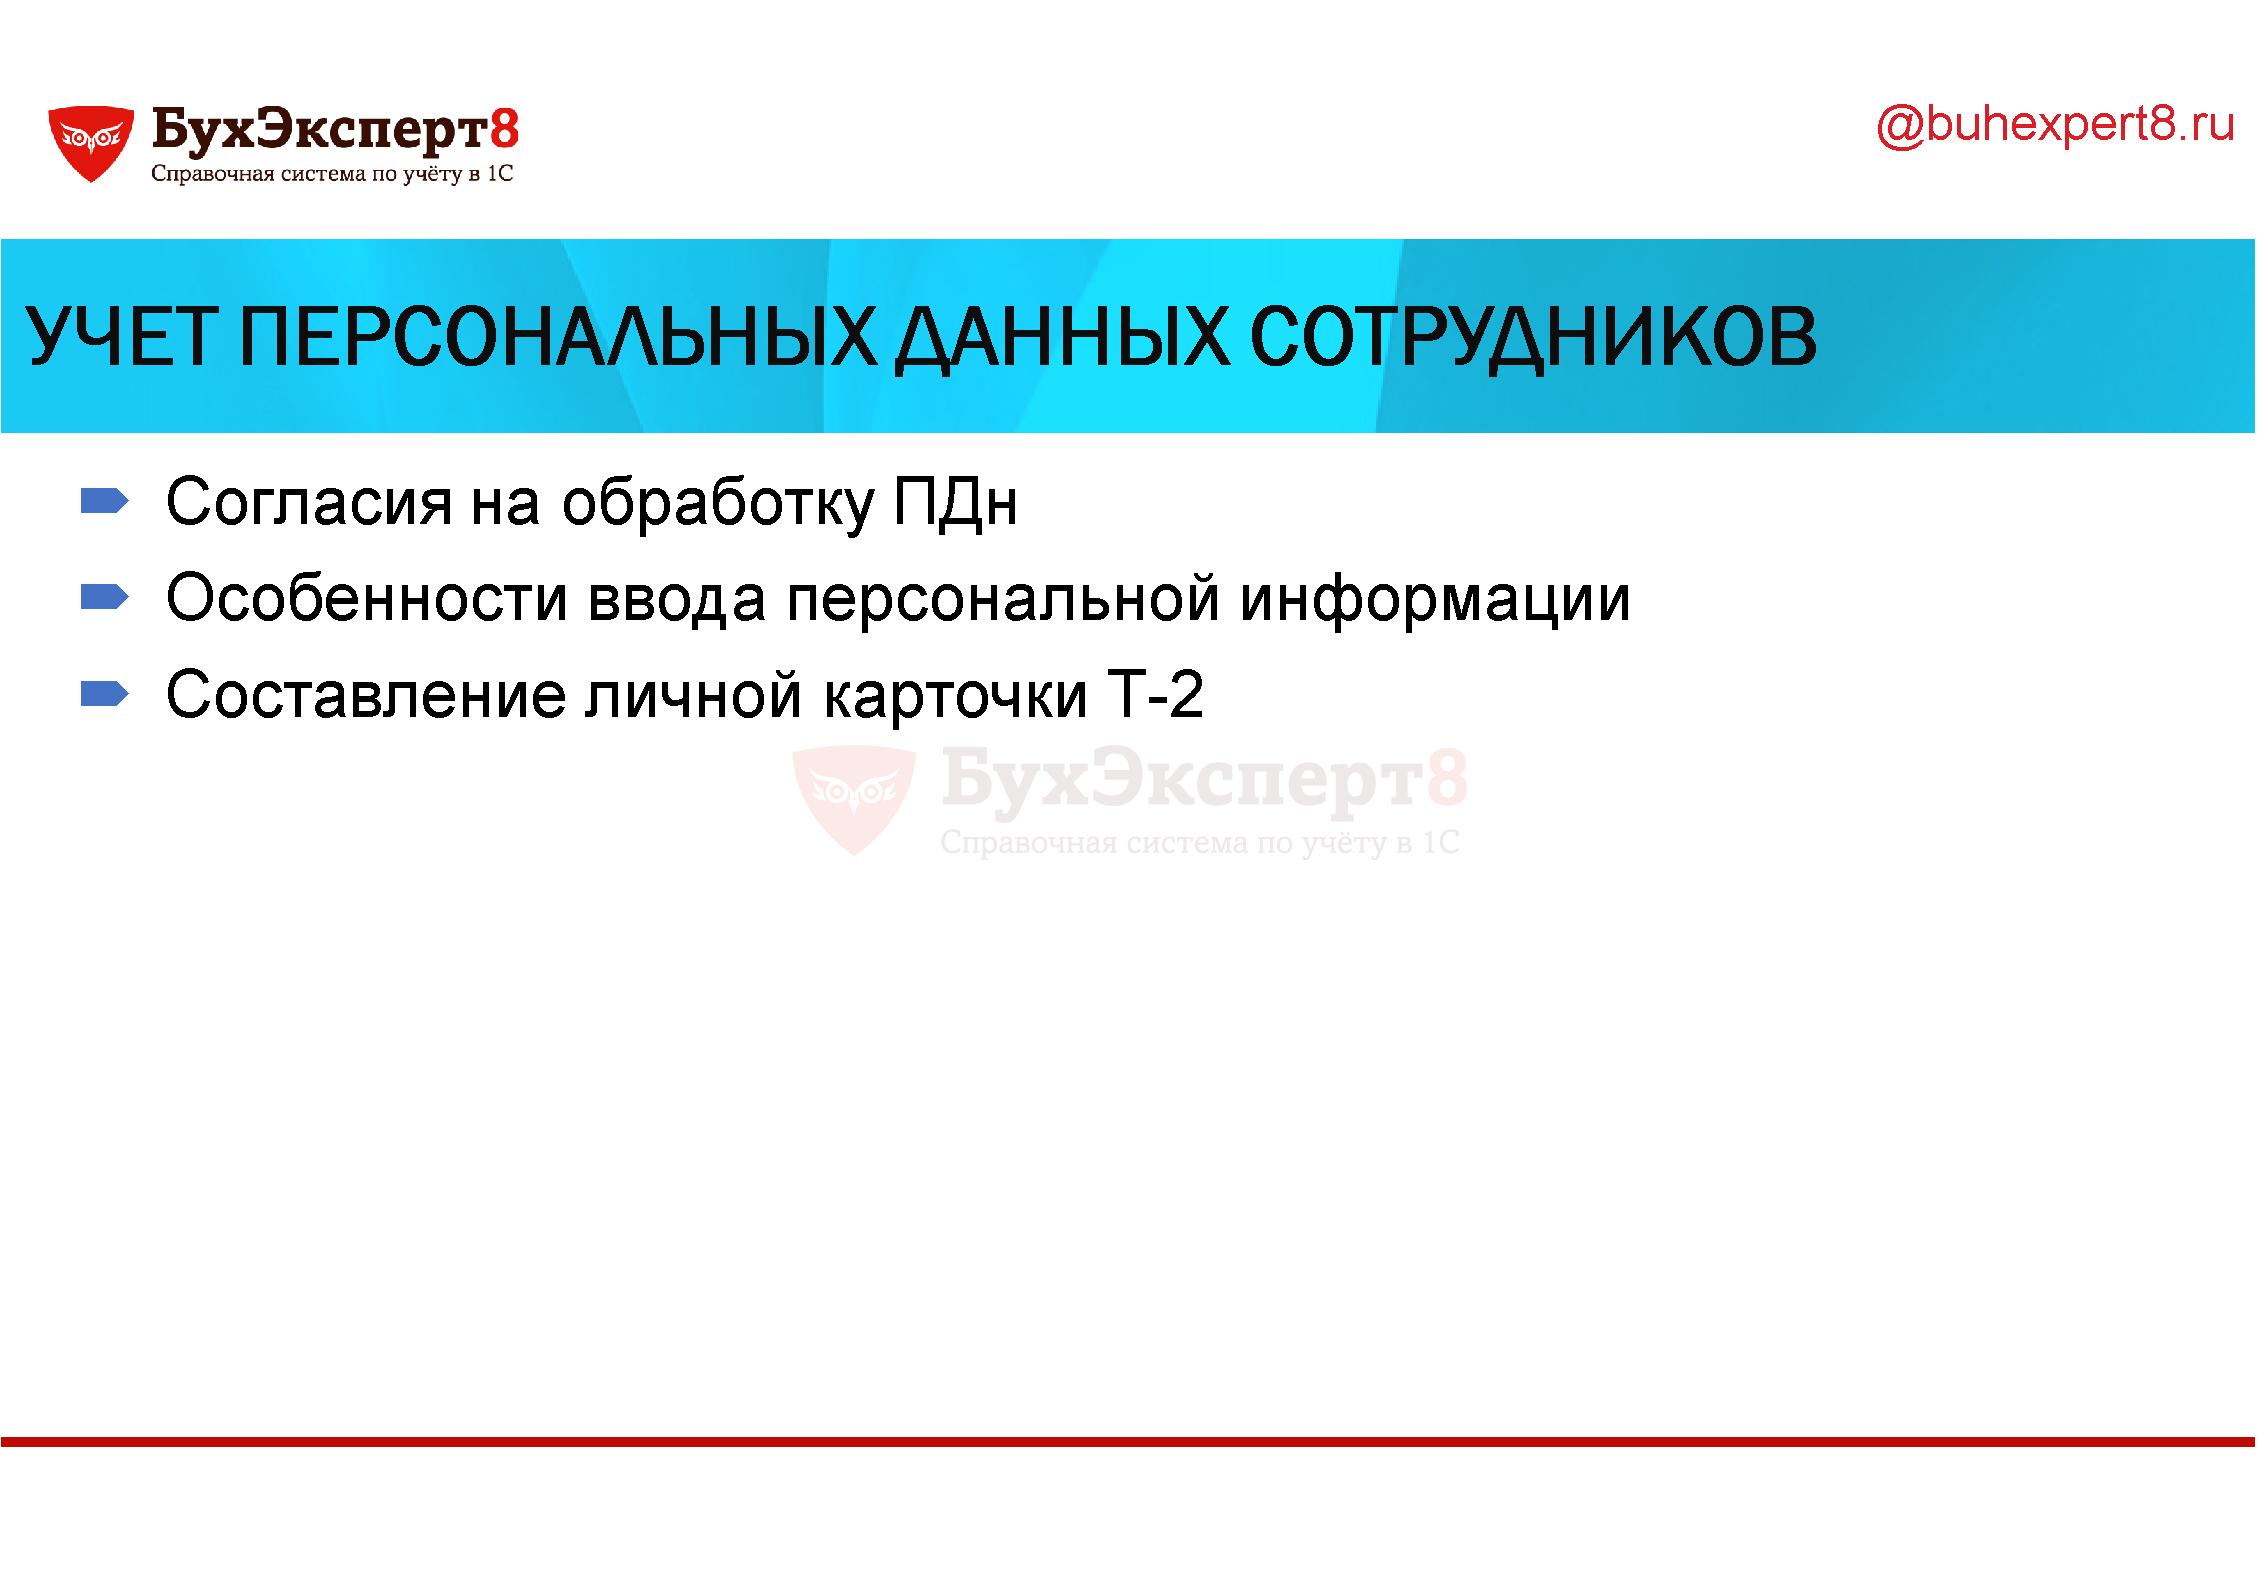 Учет персональных данных сотрудников Согласия на обработку ПДн Особенности ввода персональной информации Составление личной карточки Т-2